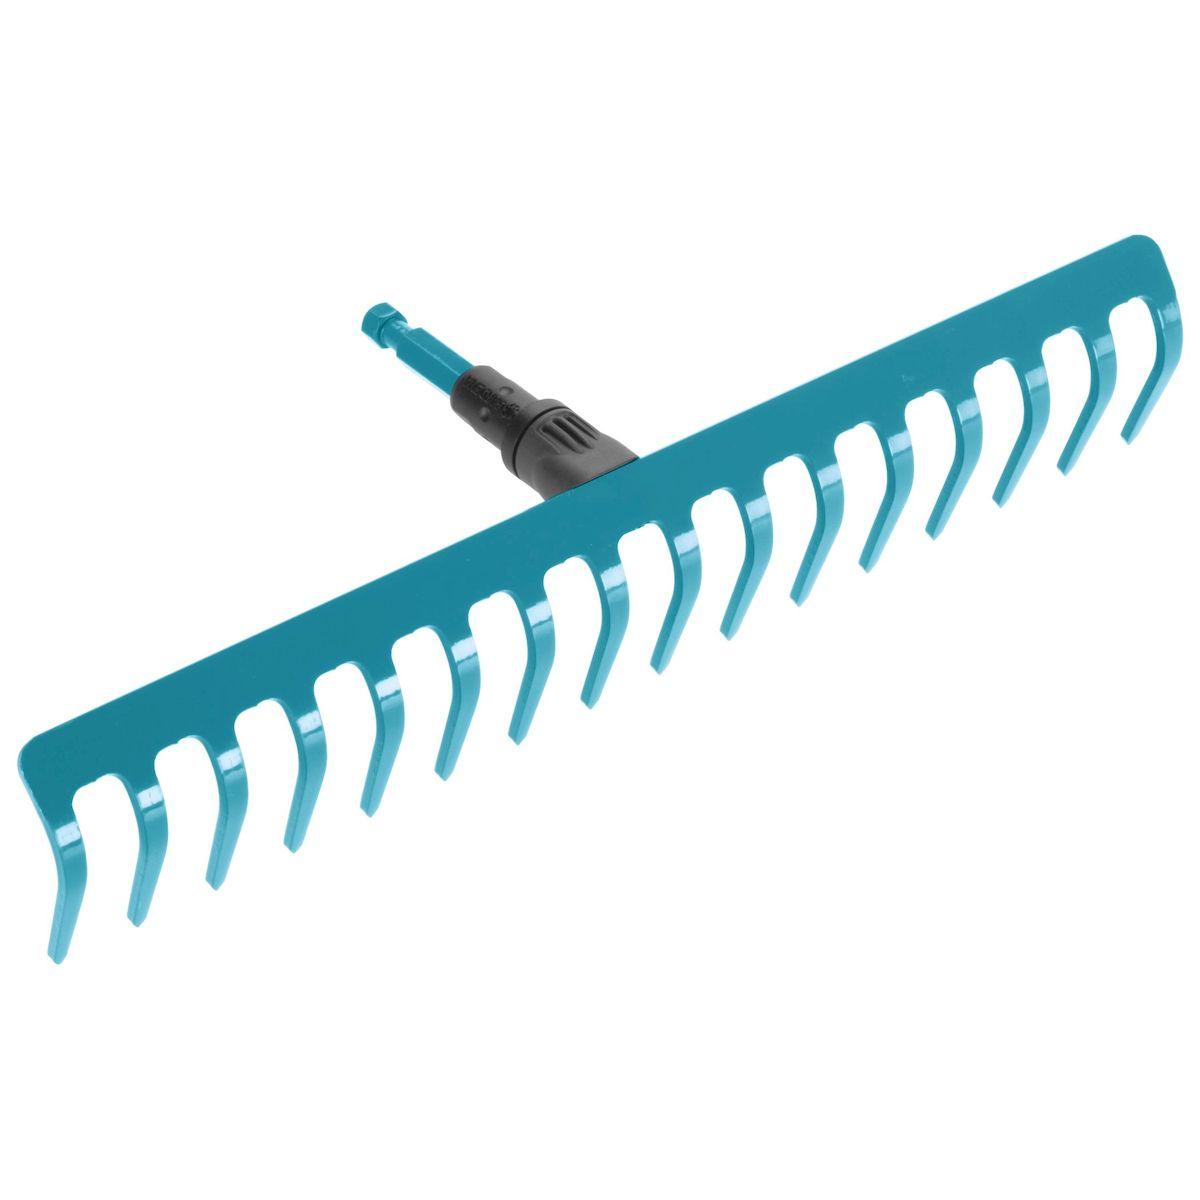 Грабли Gardena, без ручки, 41 см03179-20.000.00Грабли Gardena выполнены из высококачественной стали с покрытием из дюропласта, которое обеспечивает оптимальную защиту инструмента от коррозии. Грабли представляют собой практичный многофункциональный инструмент, который идеально подходит для очистки, обработки и выравнивания почвы. Грабли могут использоваться с любой ручкой, однако рекомендуется использовать ручку длиной 150 см, в зависимости от роста пользователя.Рабочая ширина: 41 см.